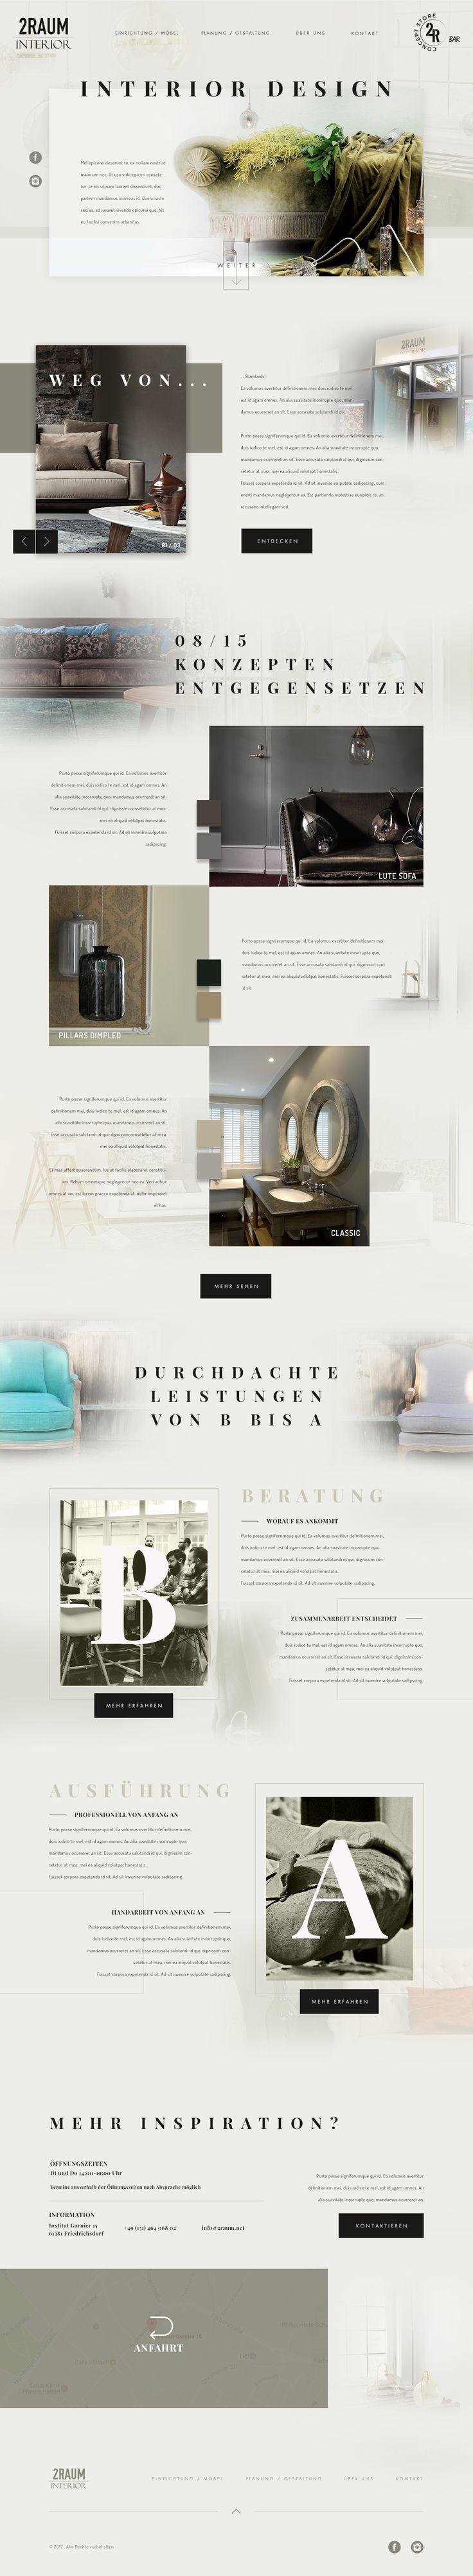 Interior Design Agency UI UX Website Design